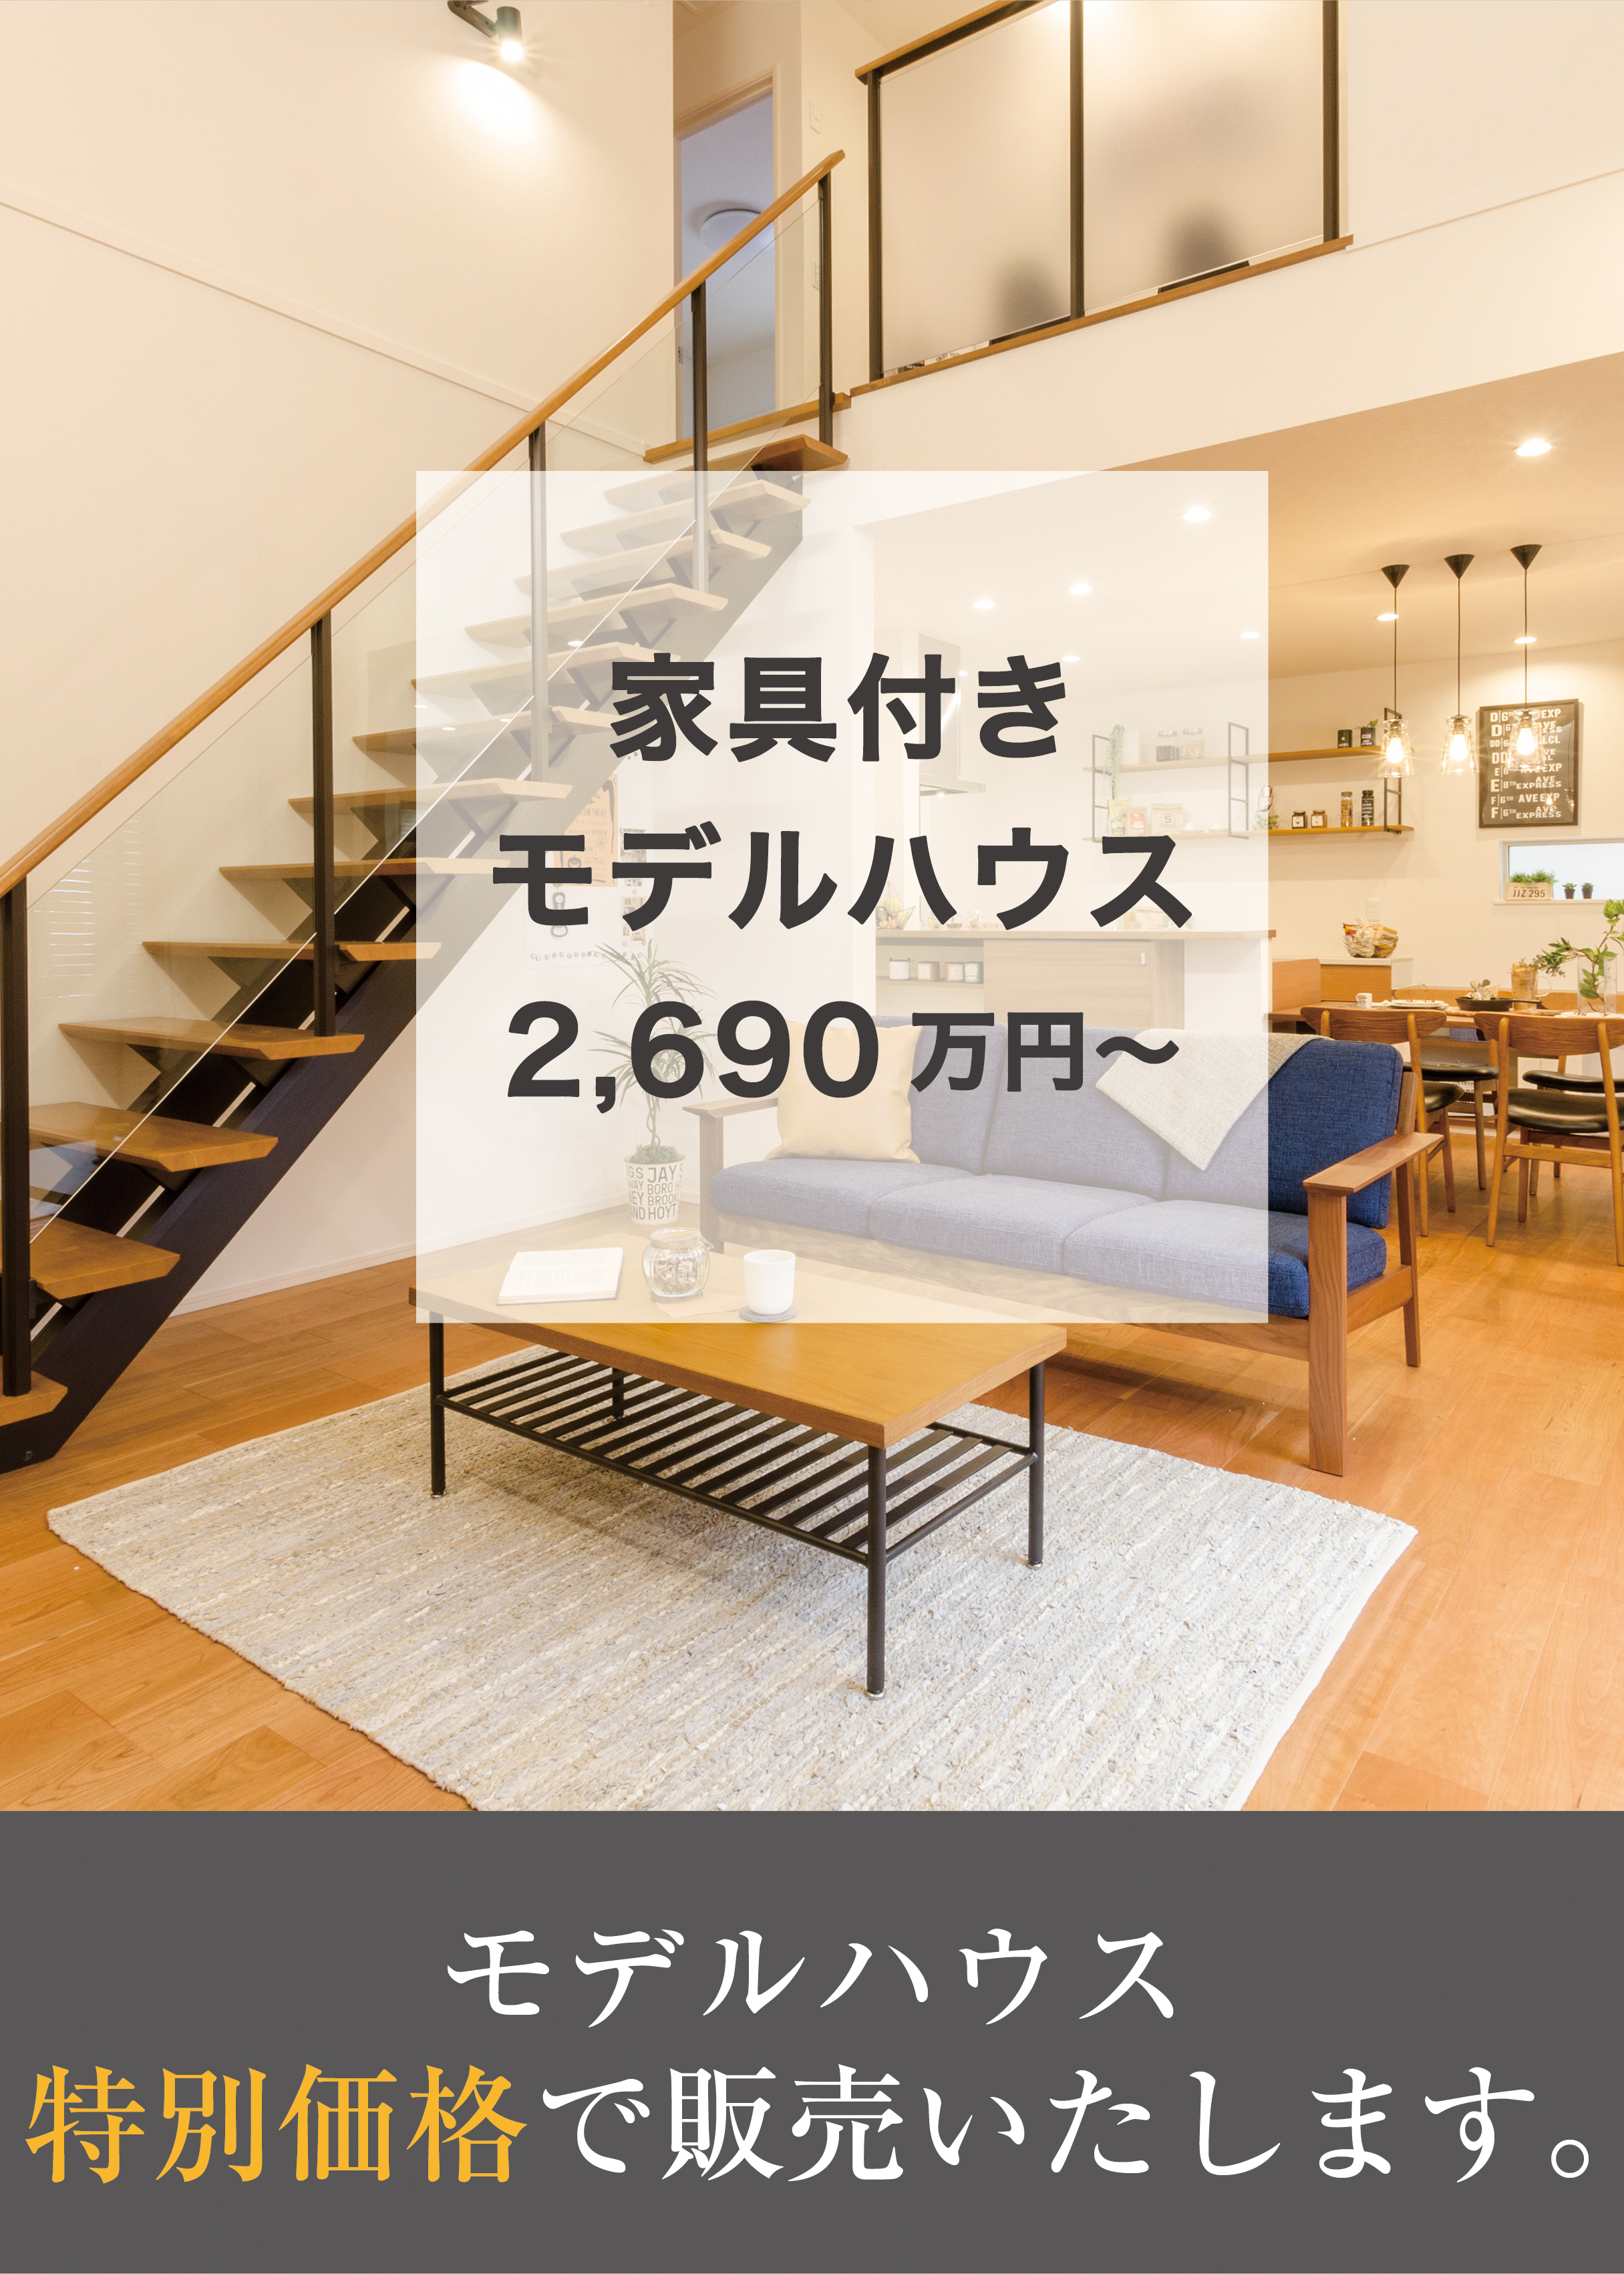 モデルハウス特別価格で販売中!